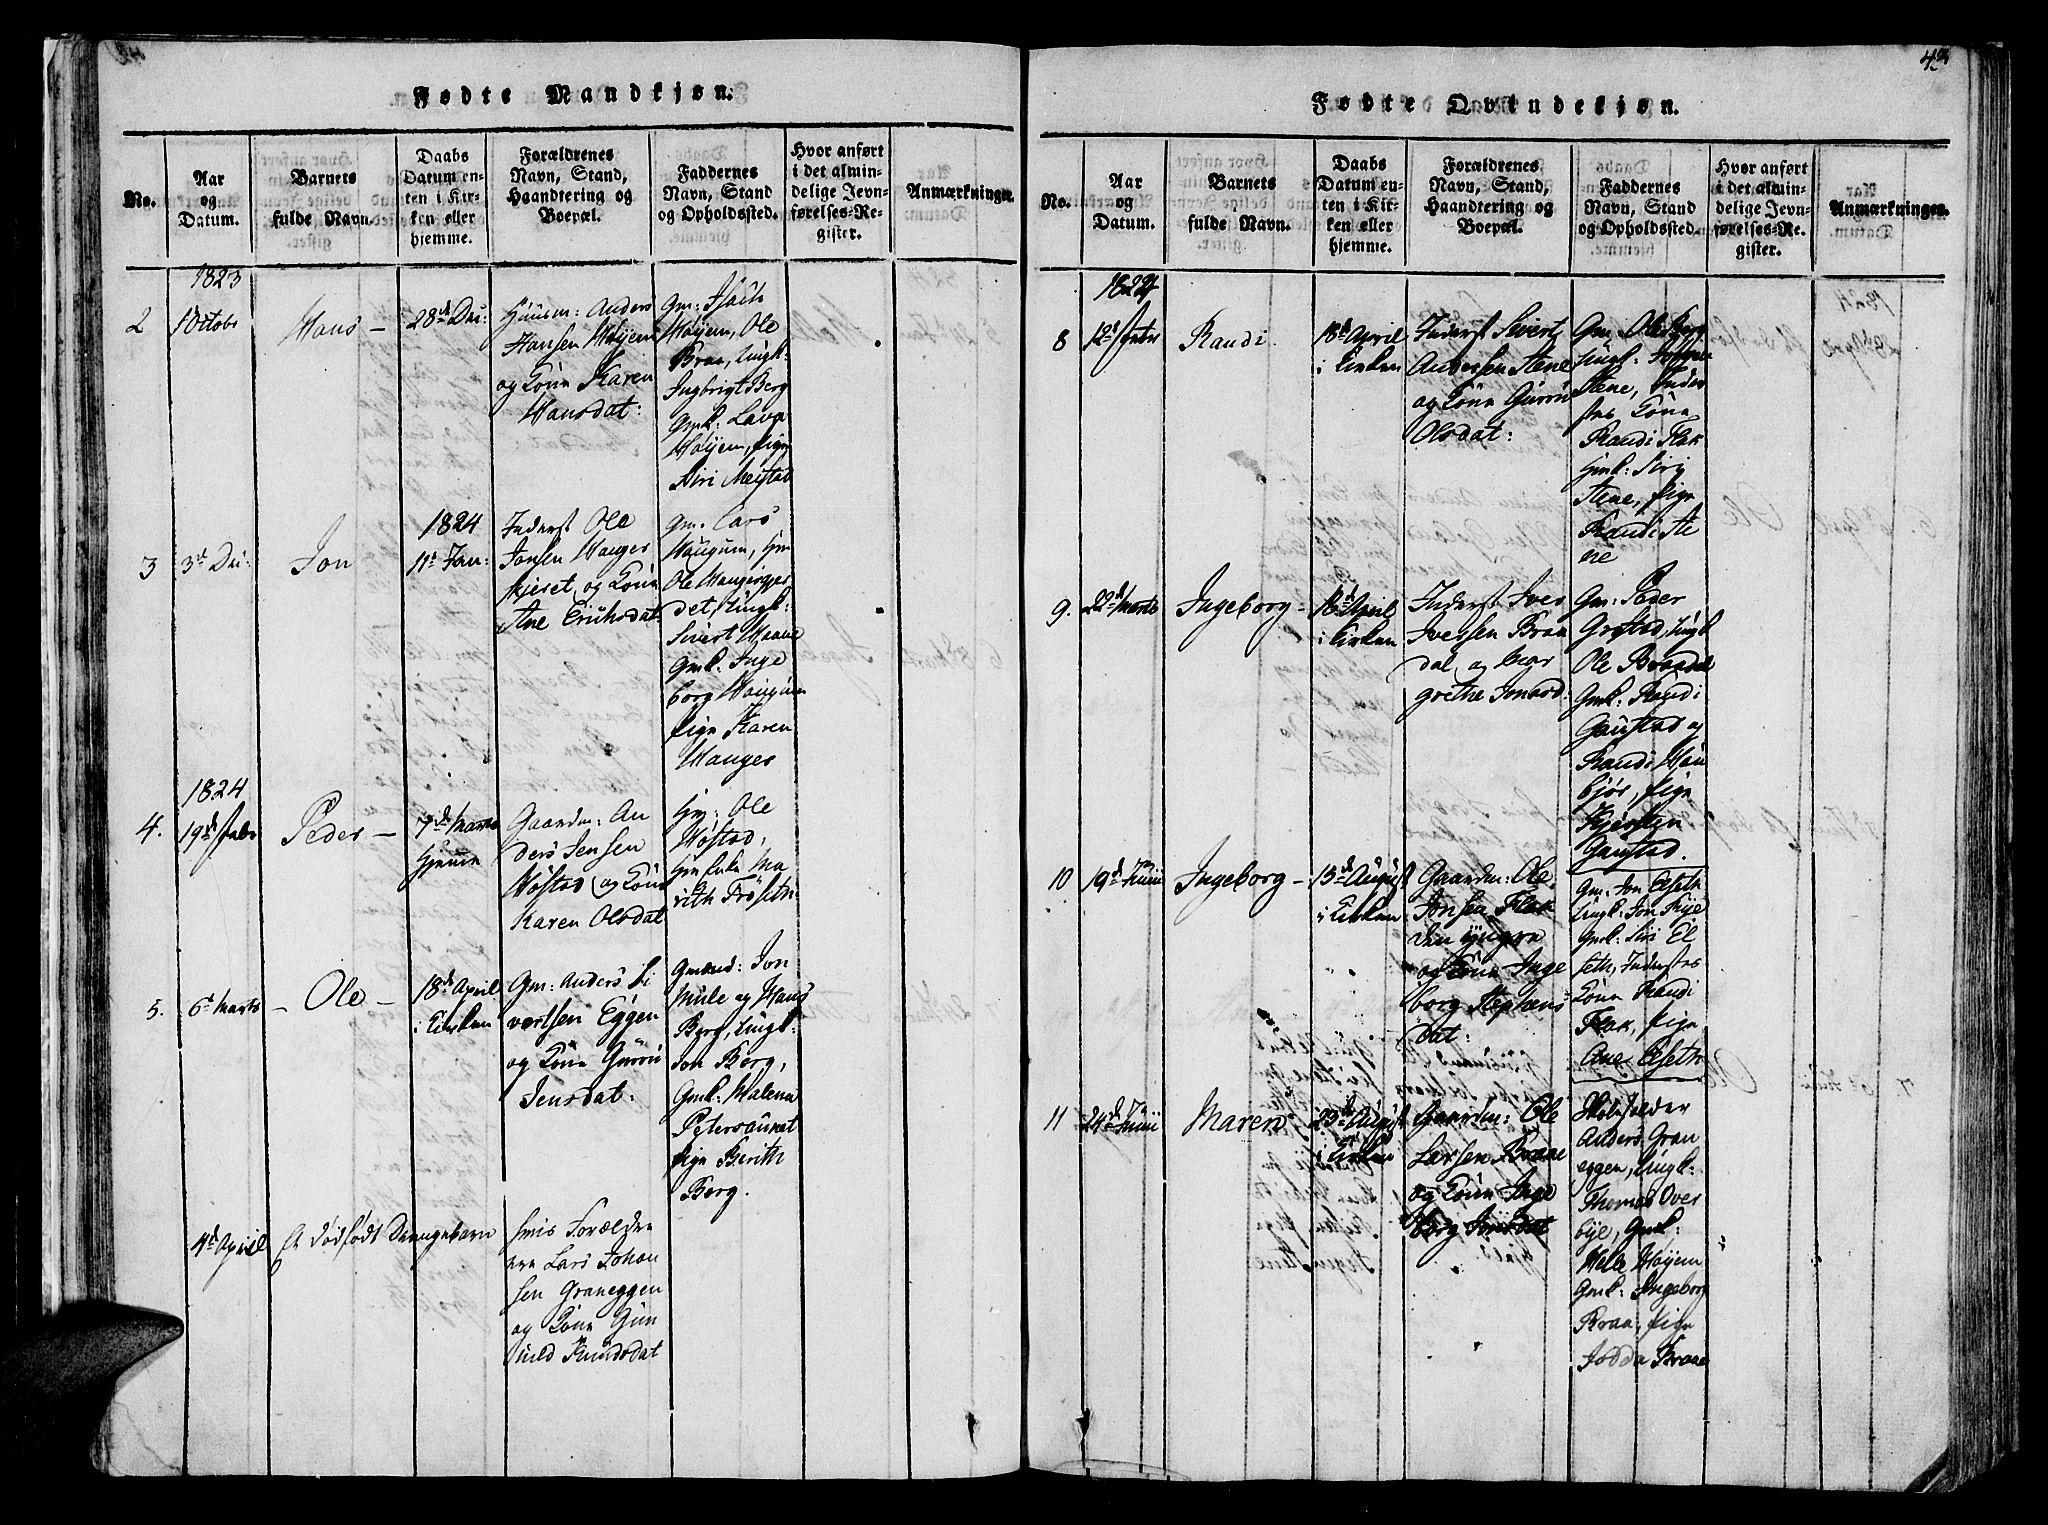 SAT, Ministerialprotokoller, klokkerbøker og fødselsregistre - Sør-Trøndelag, 612/L0372: Ministerialbok nr. 612A06 /1, 1816-1828, s. 43